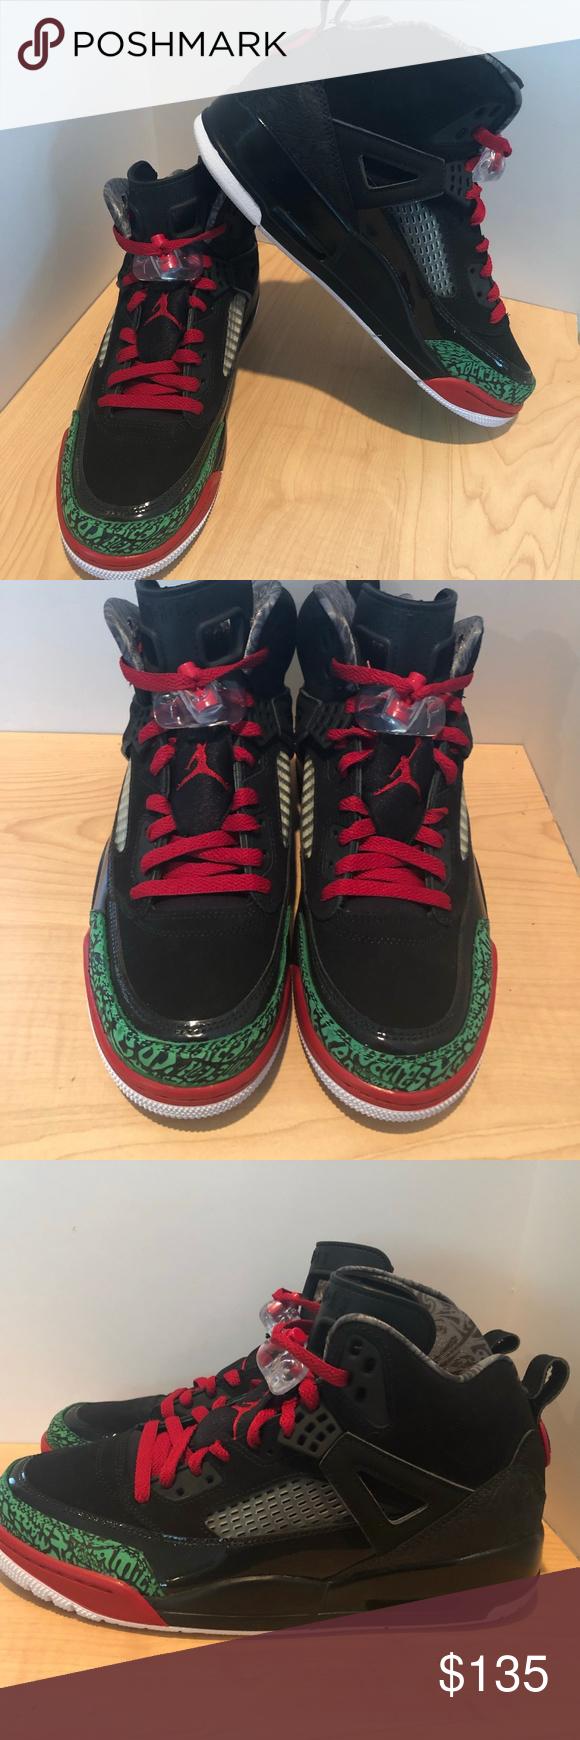 huge selection of 2c219 047ba Nike Air Jordan Spizike Black Green Red Nike Air Jordan Spizike Black Green